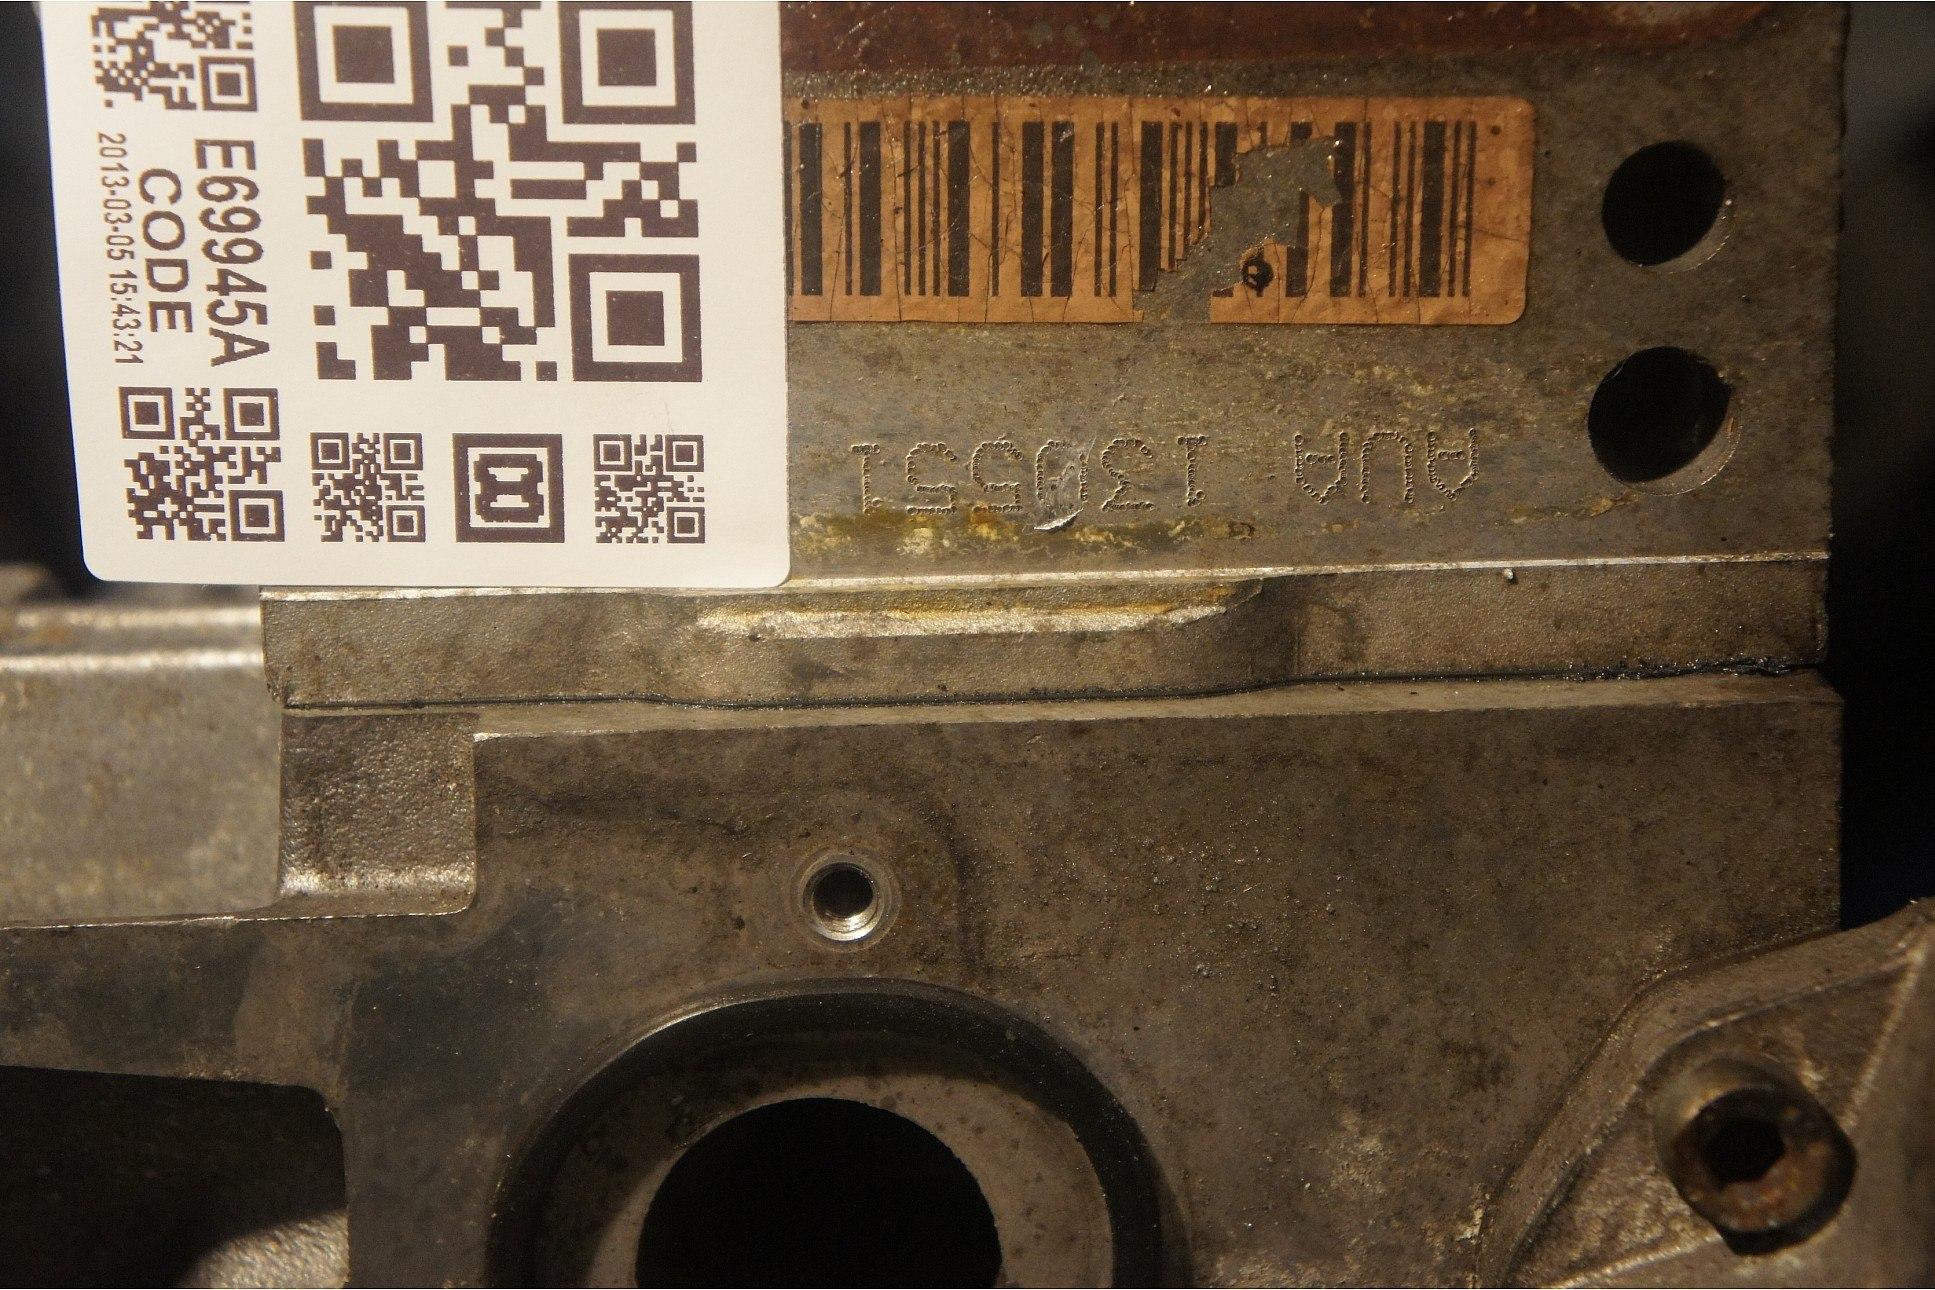 Всем доброго времени, а кто знает где расположен номер двигателя на А2?